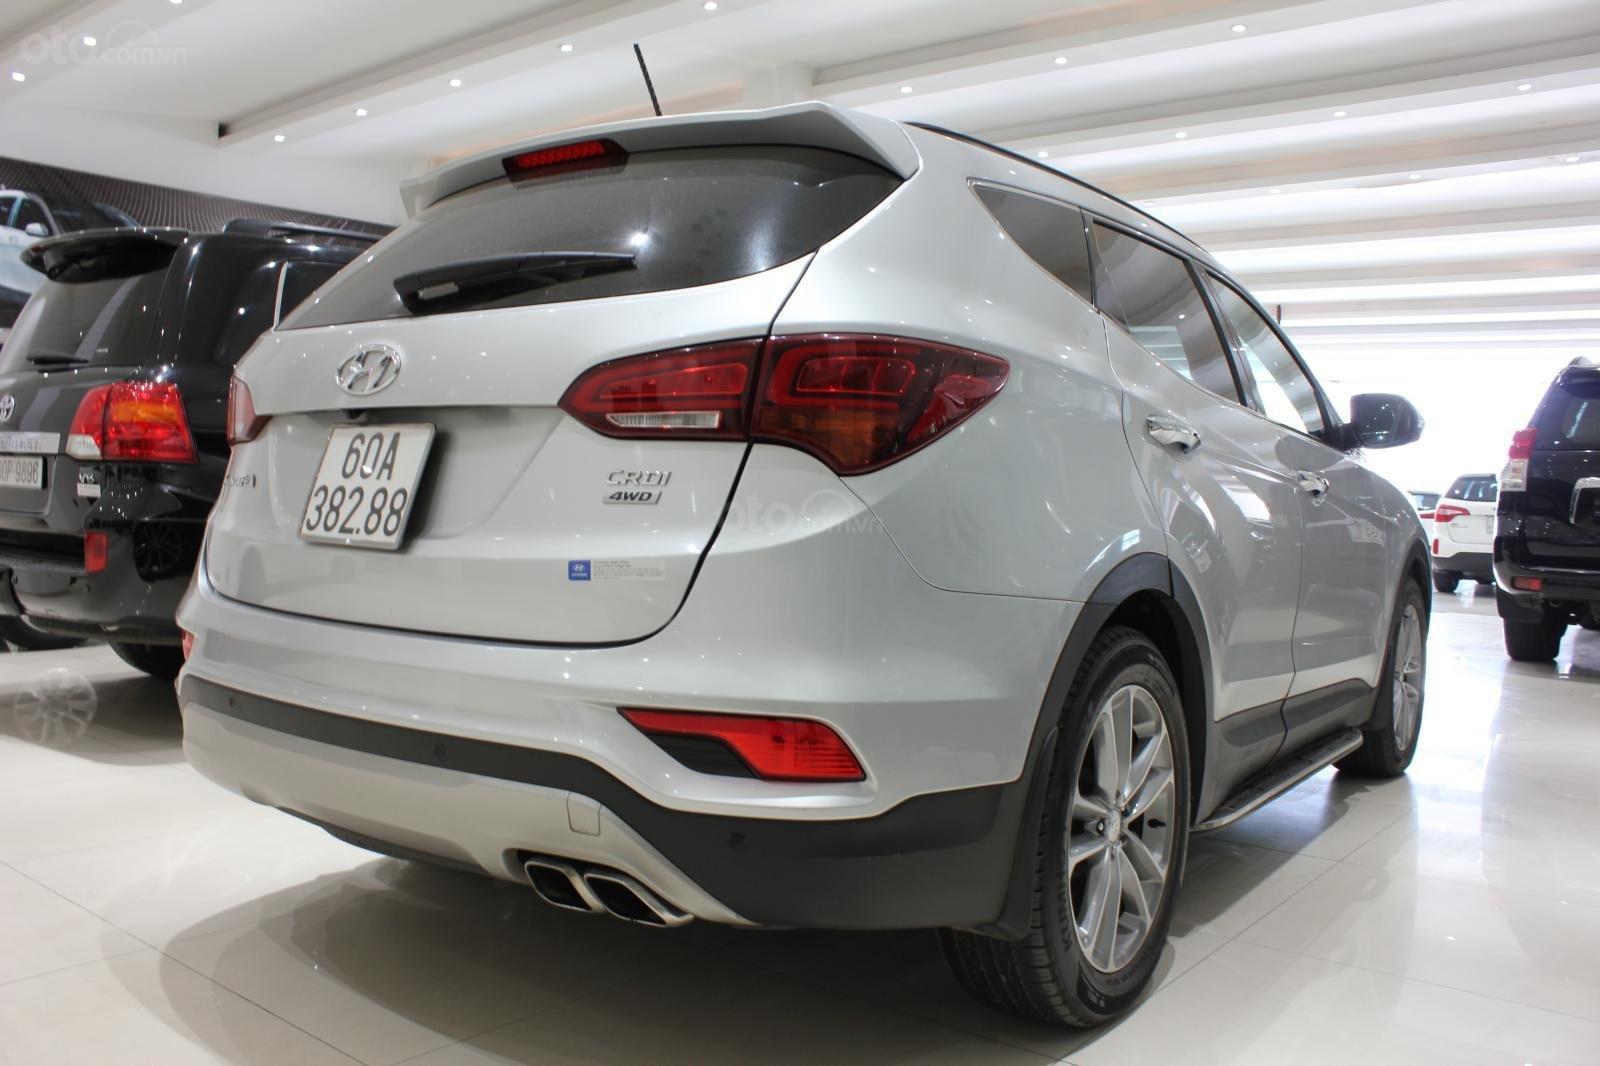 Bán xe Hyundai Santa Fe 2.2 4WD năm sản xuất 2017, màu bạc (5)